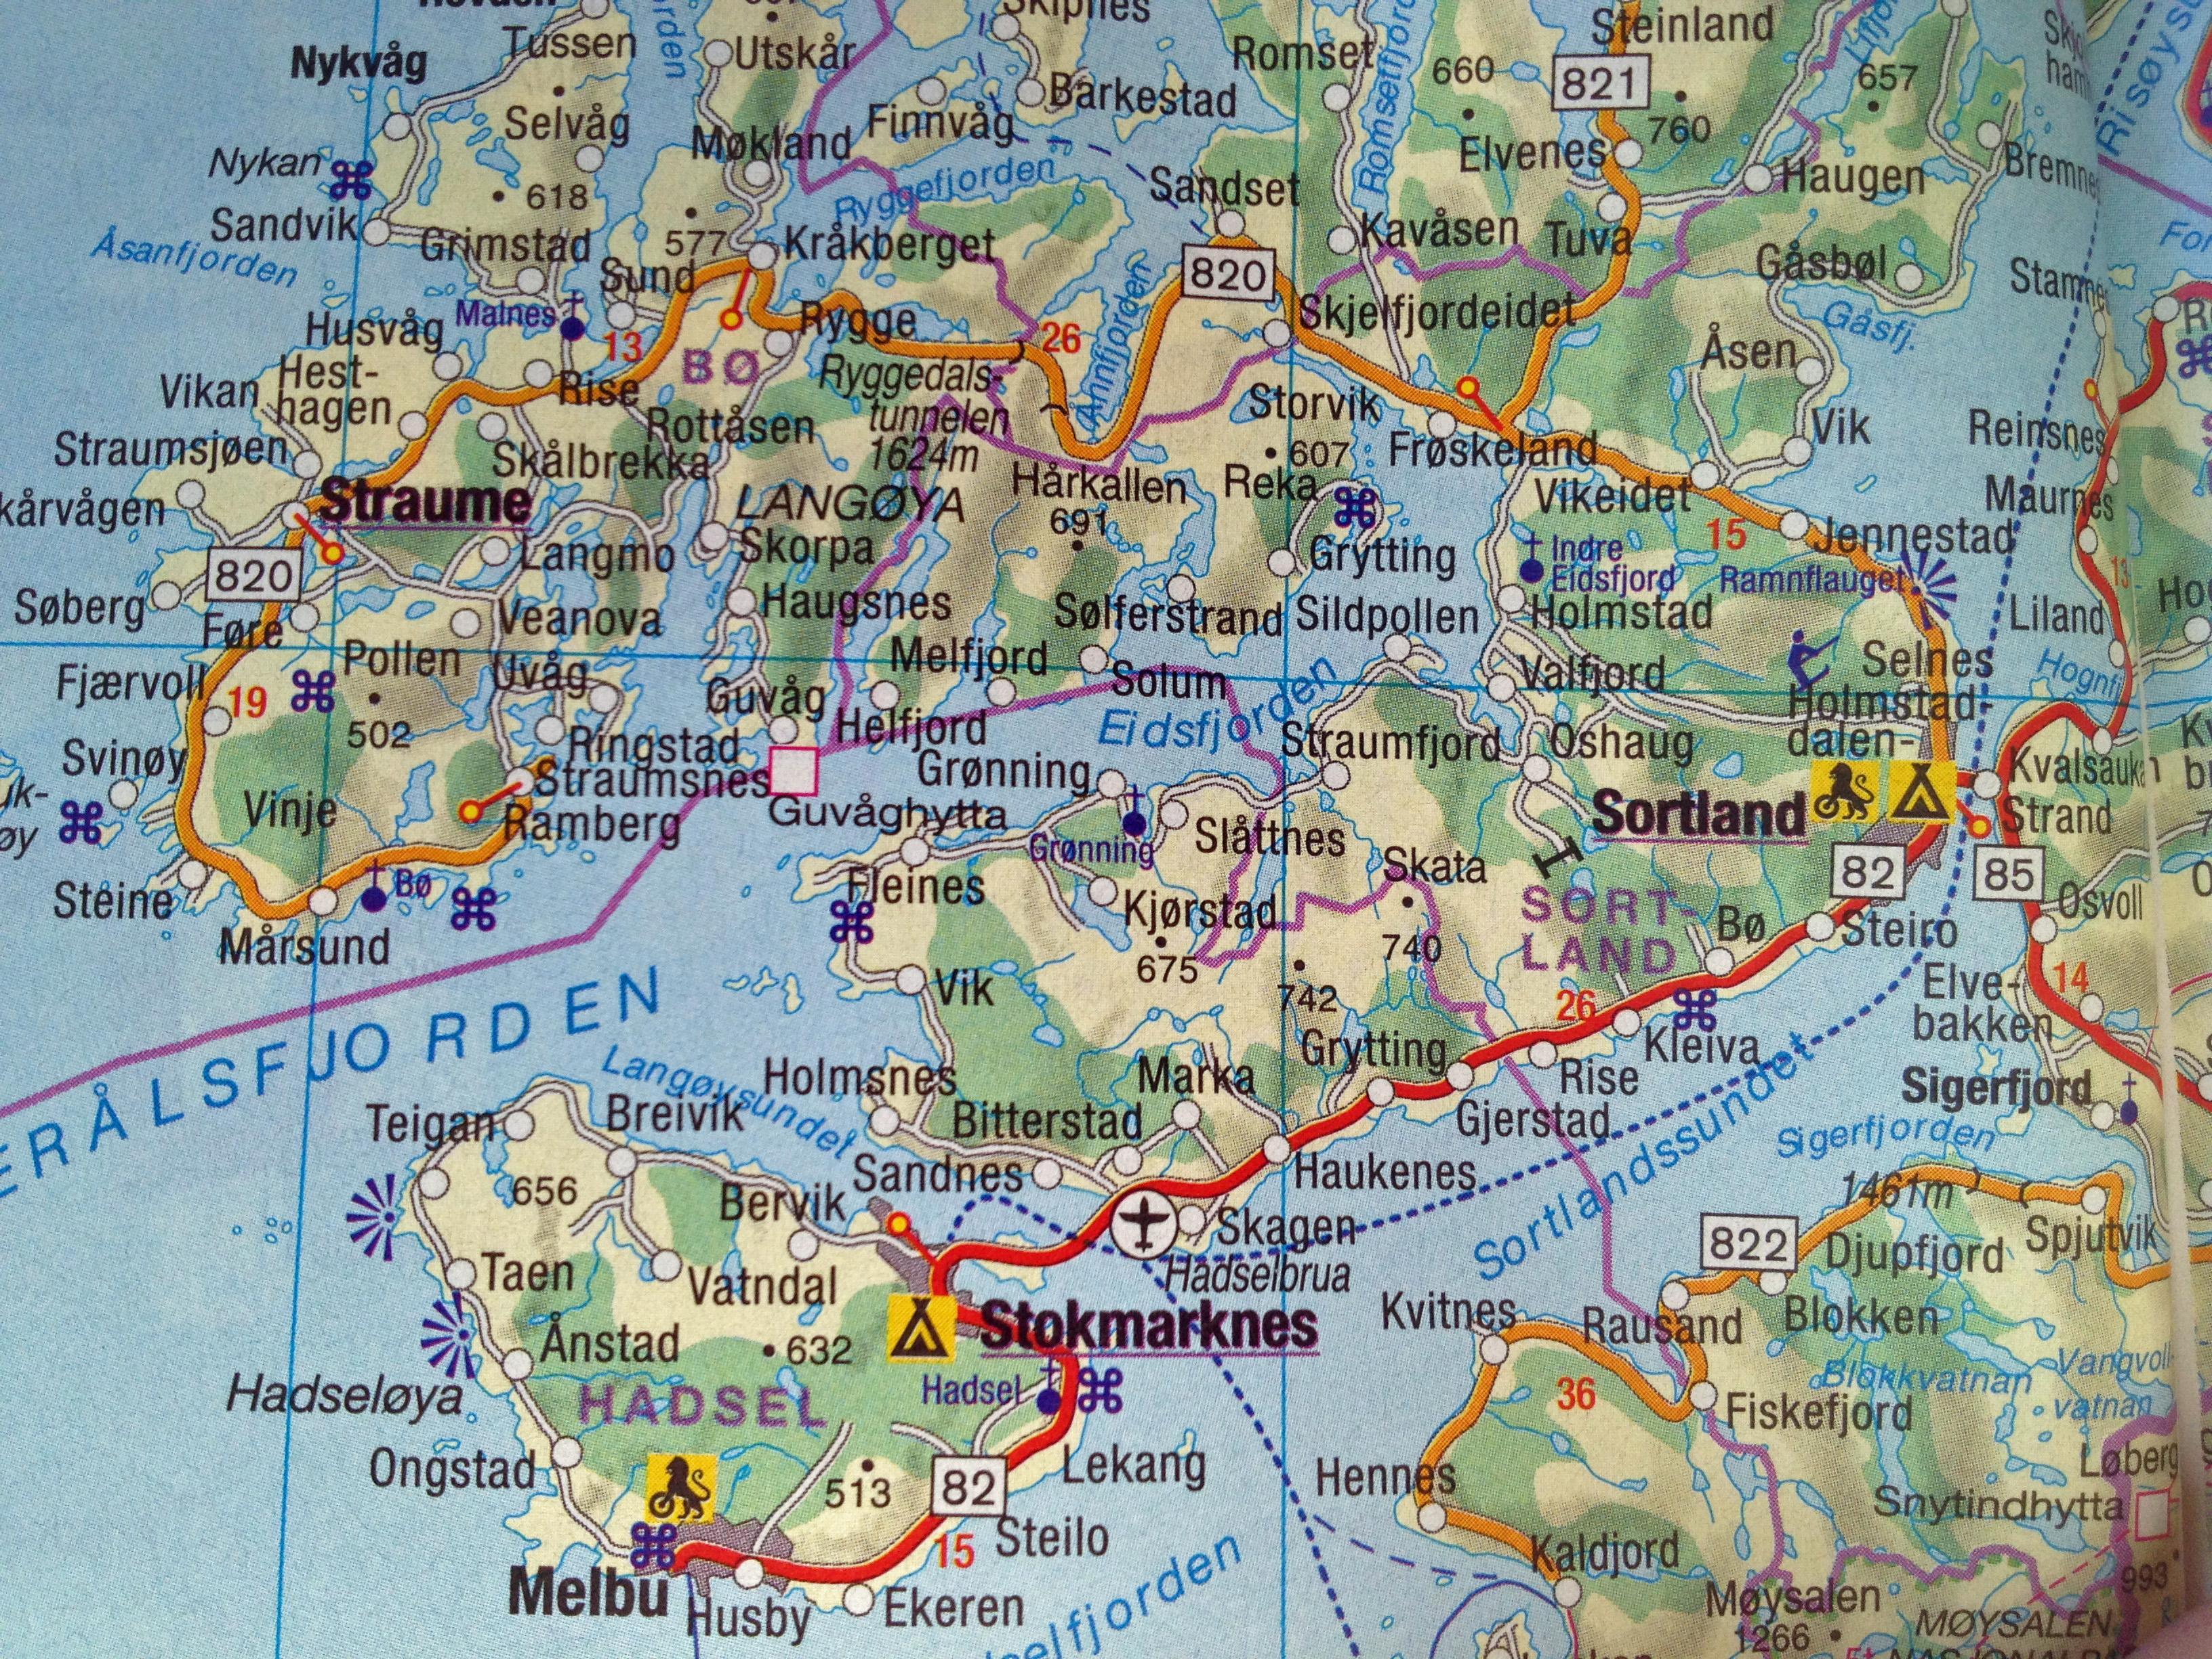 gårdsbruk kart Handelsstedet Stokkmarknes   WikiStrinda gårdsbruk kart